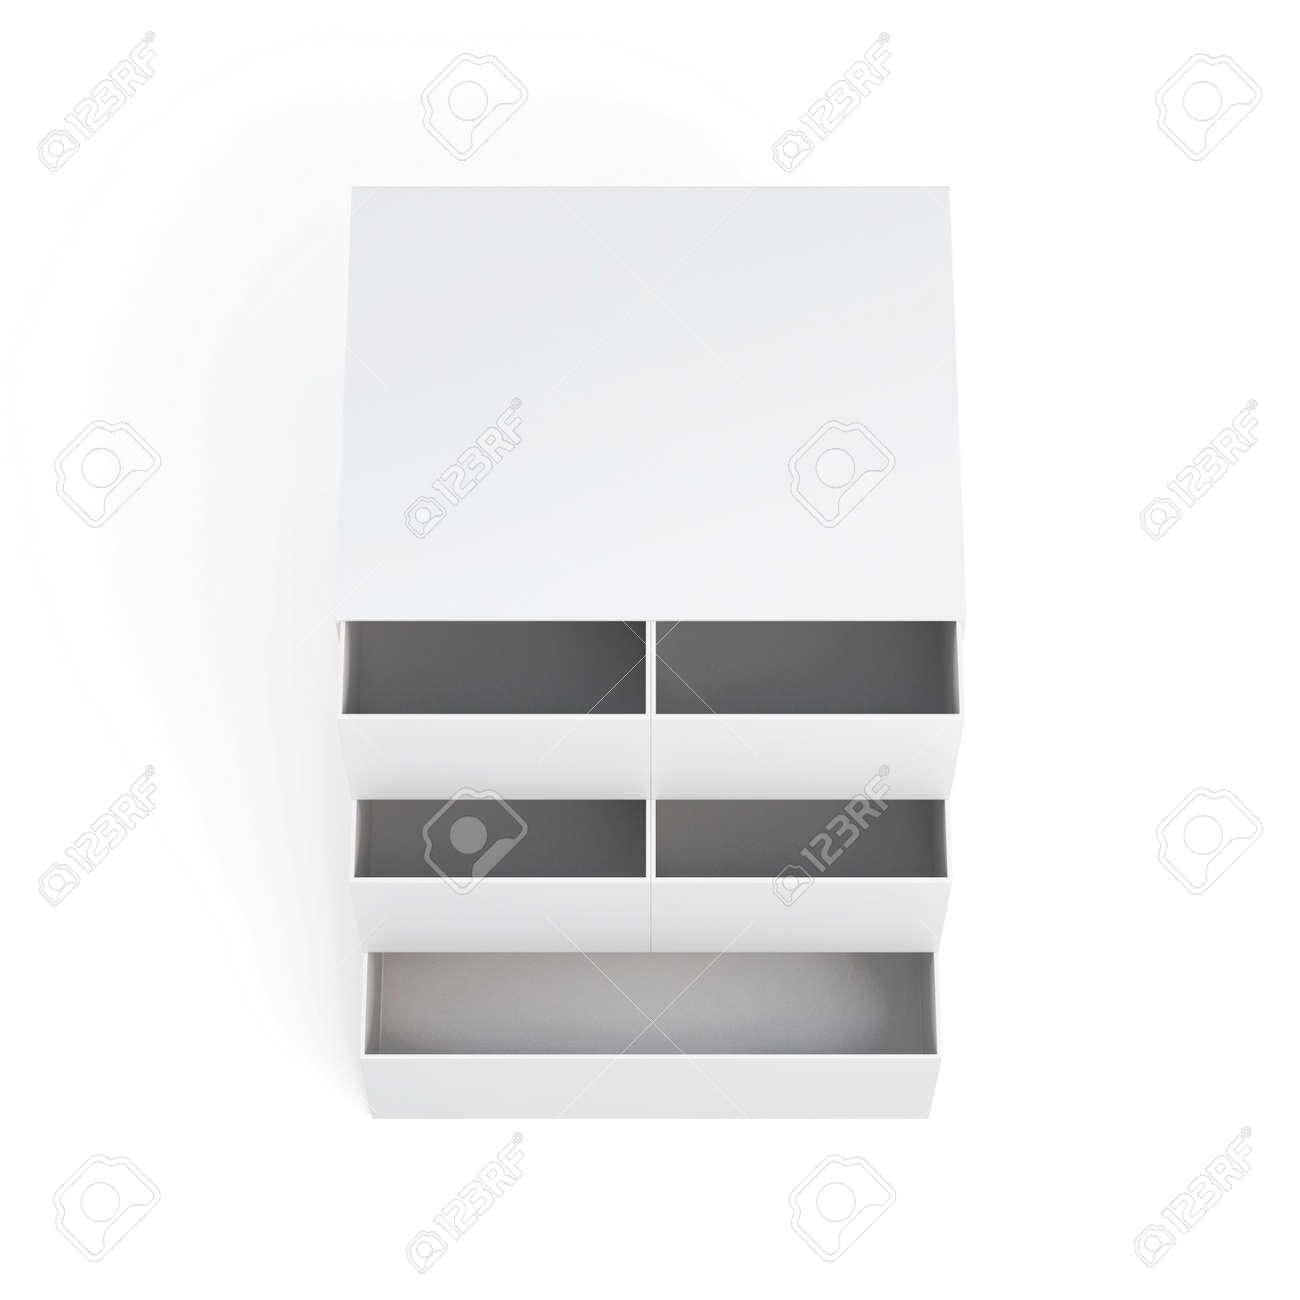 mini kommode auf einem weißen hintergrund. laminierte pappe. kommode